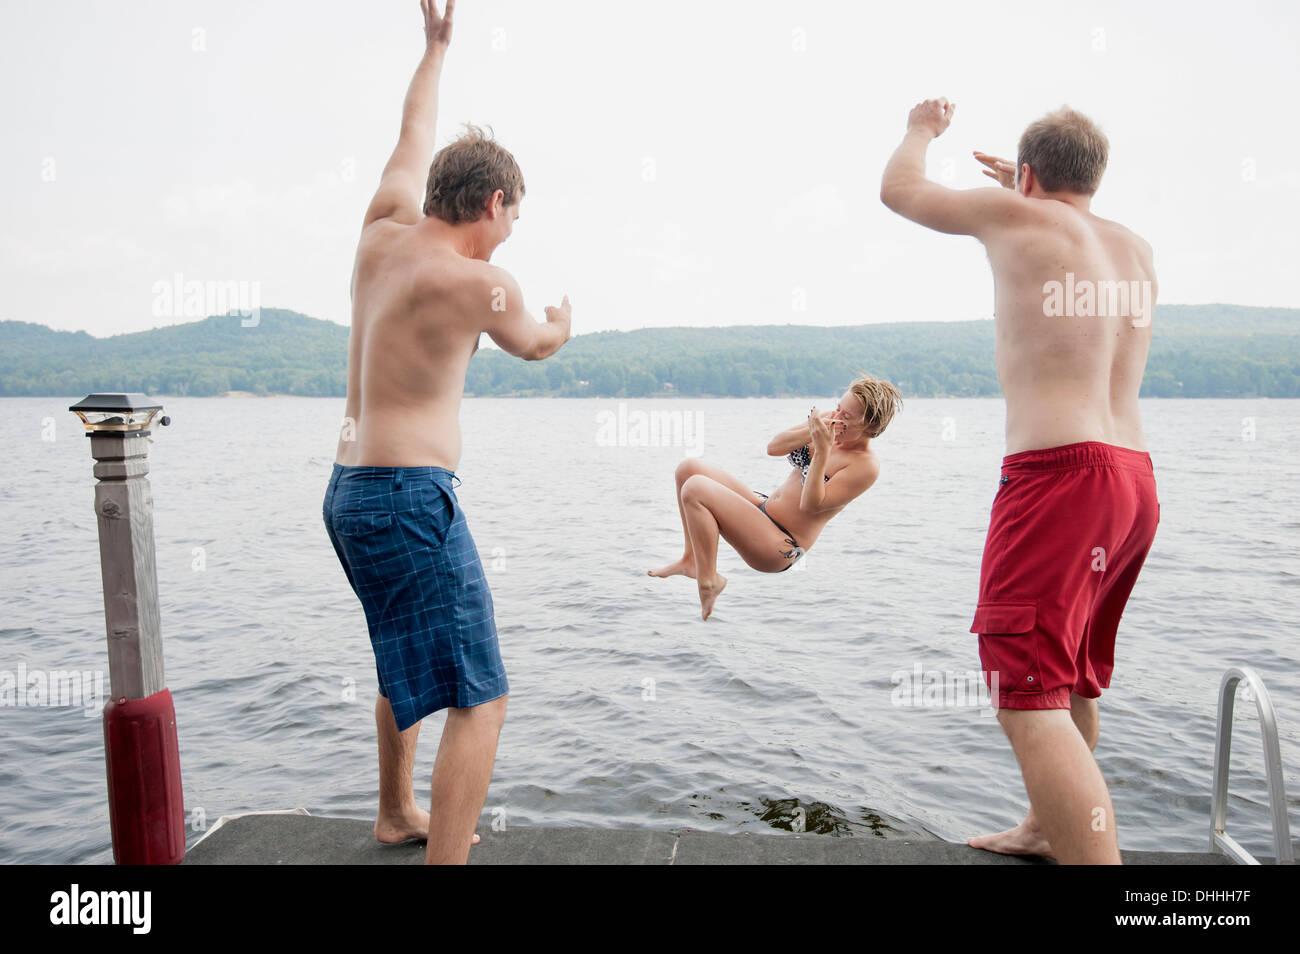 Jeter les hommes jeune femme jetée au large dans le lac Photo Stock